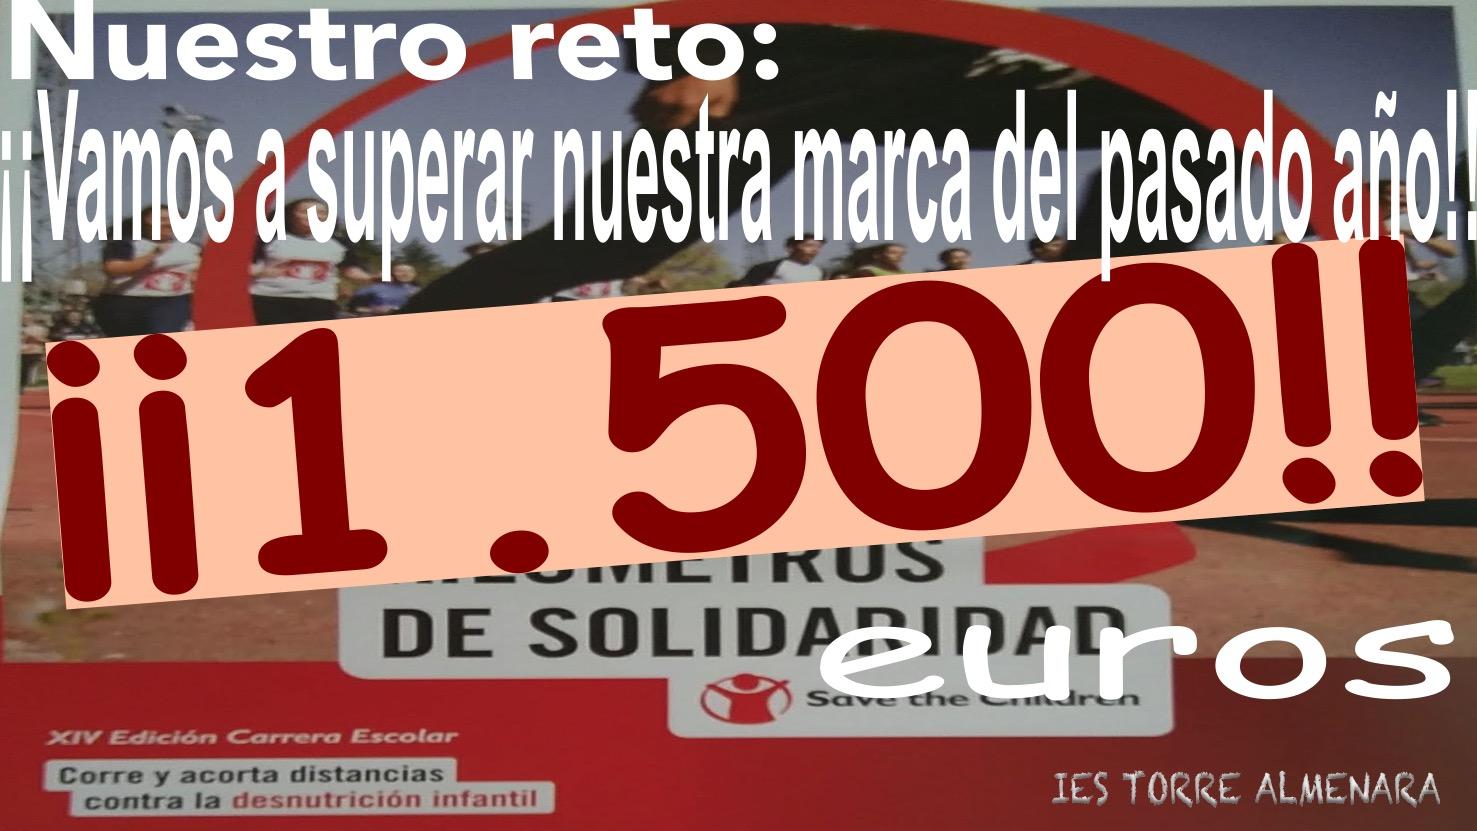 Carrera solidaria 2